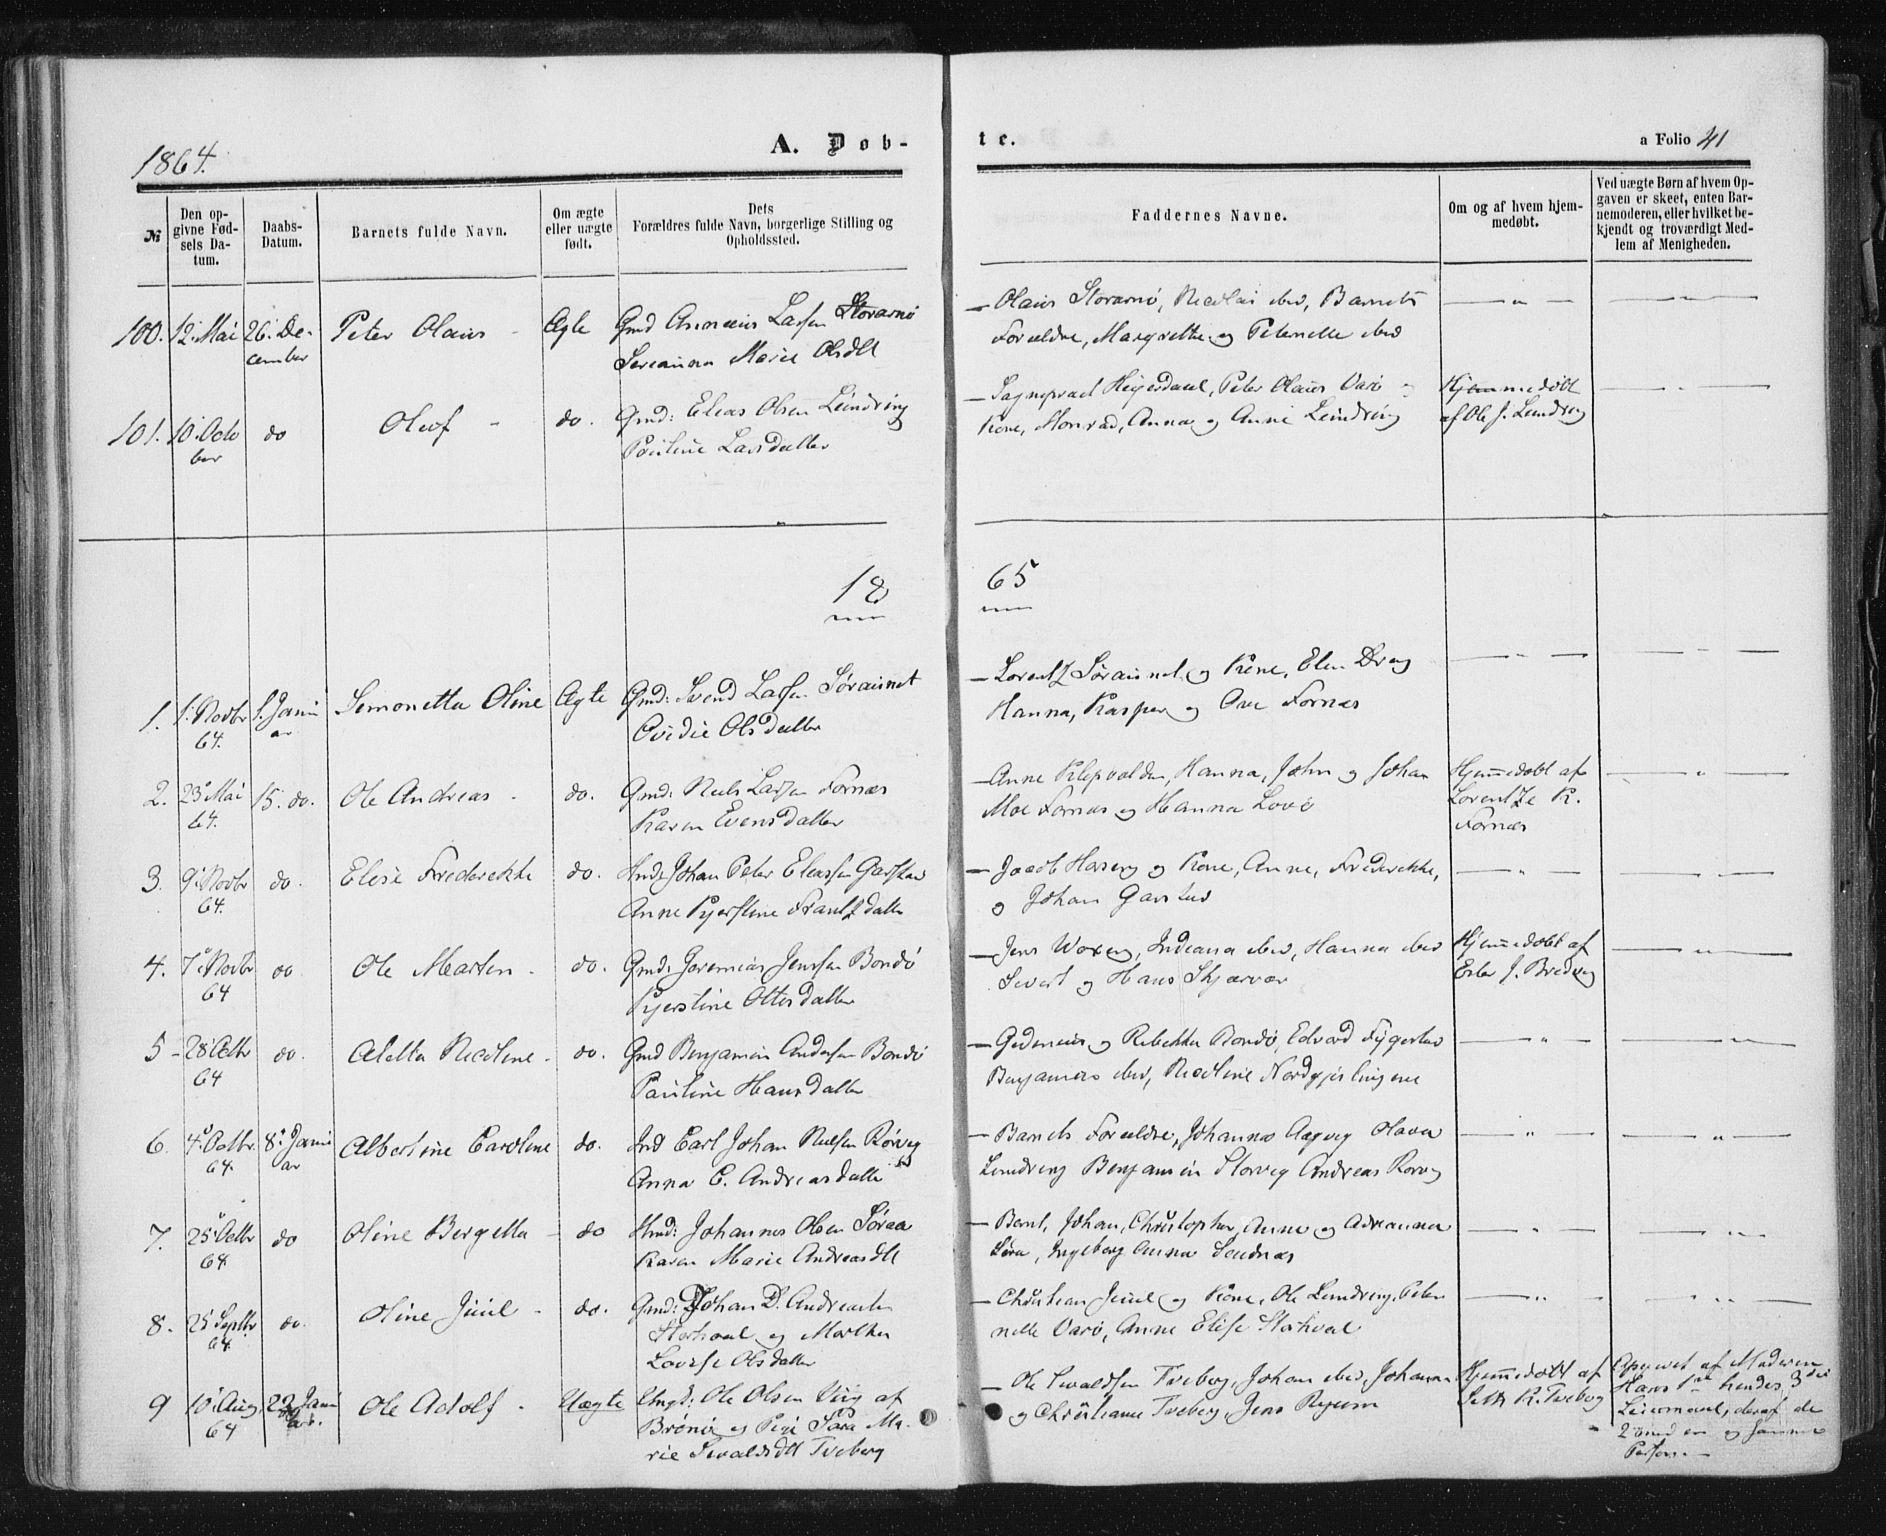 SAT, Ministerialprotokoller, klokkerbøker og fødselsregistre - Nord-Trøndelag, 784/L0670: Ministerialbok nr. 784A05, 1860-1876, s. 41